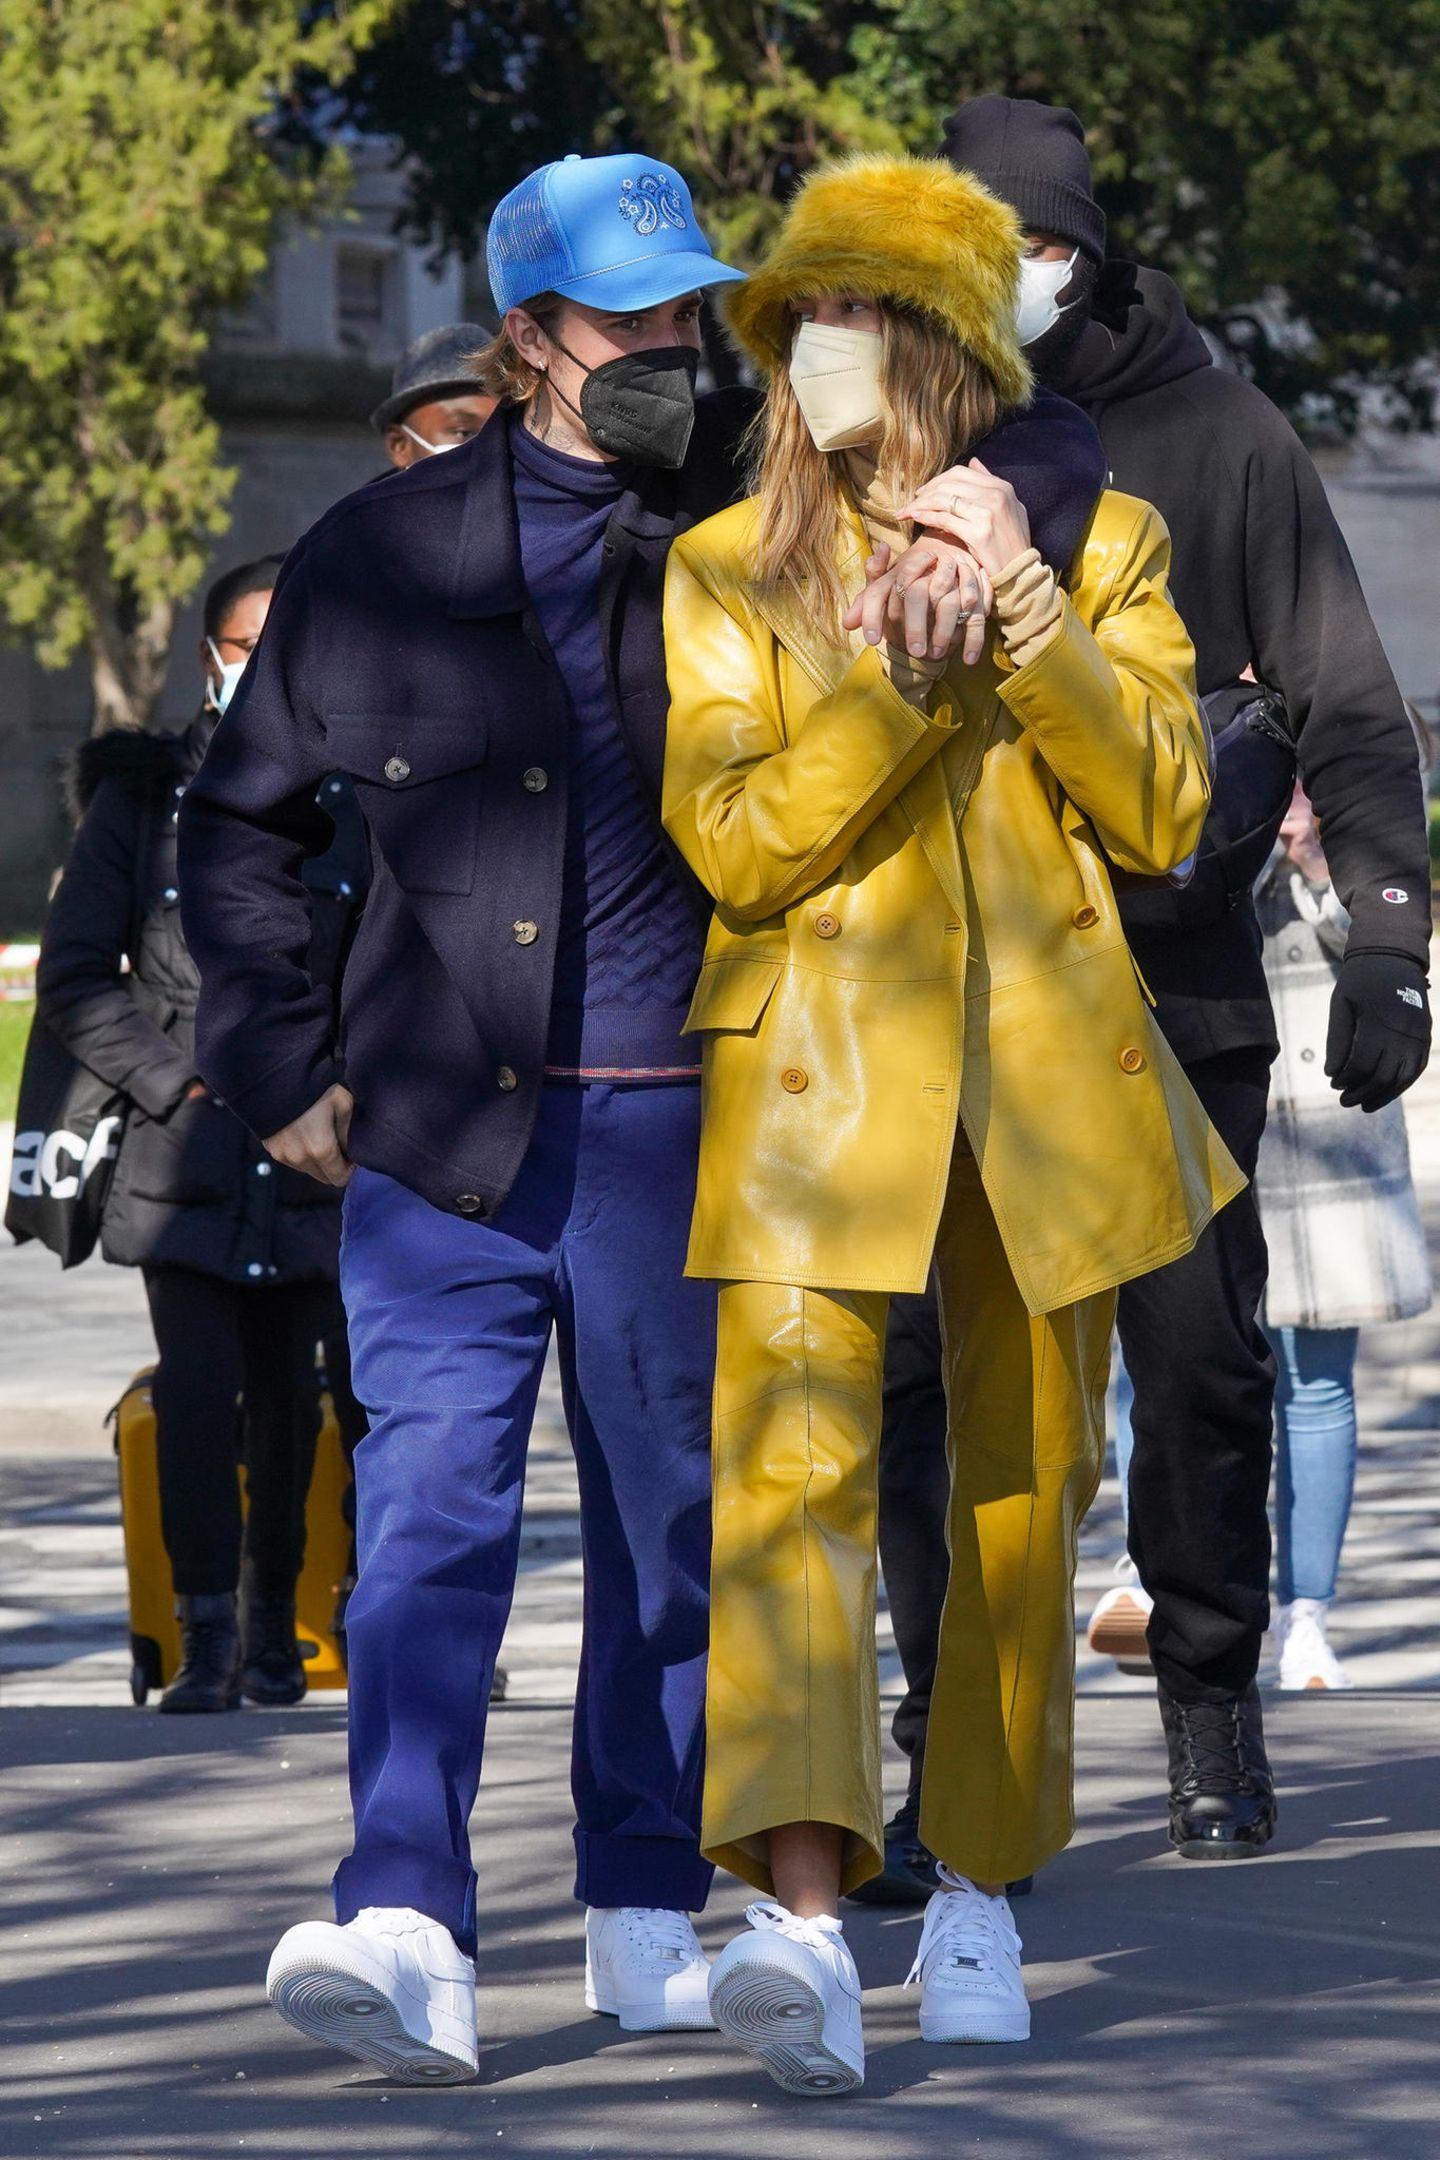 Also unauffällig ist etwas anderes! Hailey und Justin Bieber verbringen ein paar romantische Tage in Paris. Ganz entspannt schlendert das Pärchen händchenhaltend durch die Stadt der Liebe. Ob sie dabei ihre Privatsphäre so richtig genießen können? Während sich Justin mit gedeckten Farben, Mundschutz und tief sitzender Cap etwas mehr undercover zeigt, geht Hailey in ihrem Lederlook von Stand Studio in die Vollen und zieht dabei so einige Blicke aus sich.